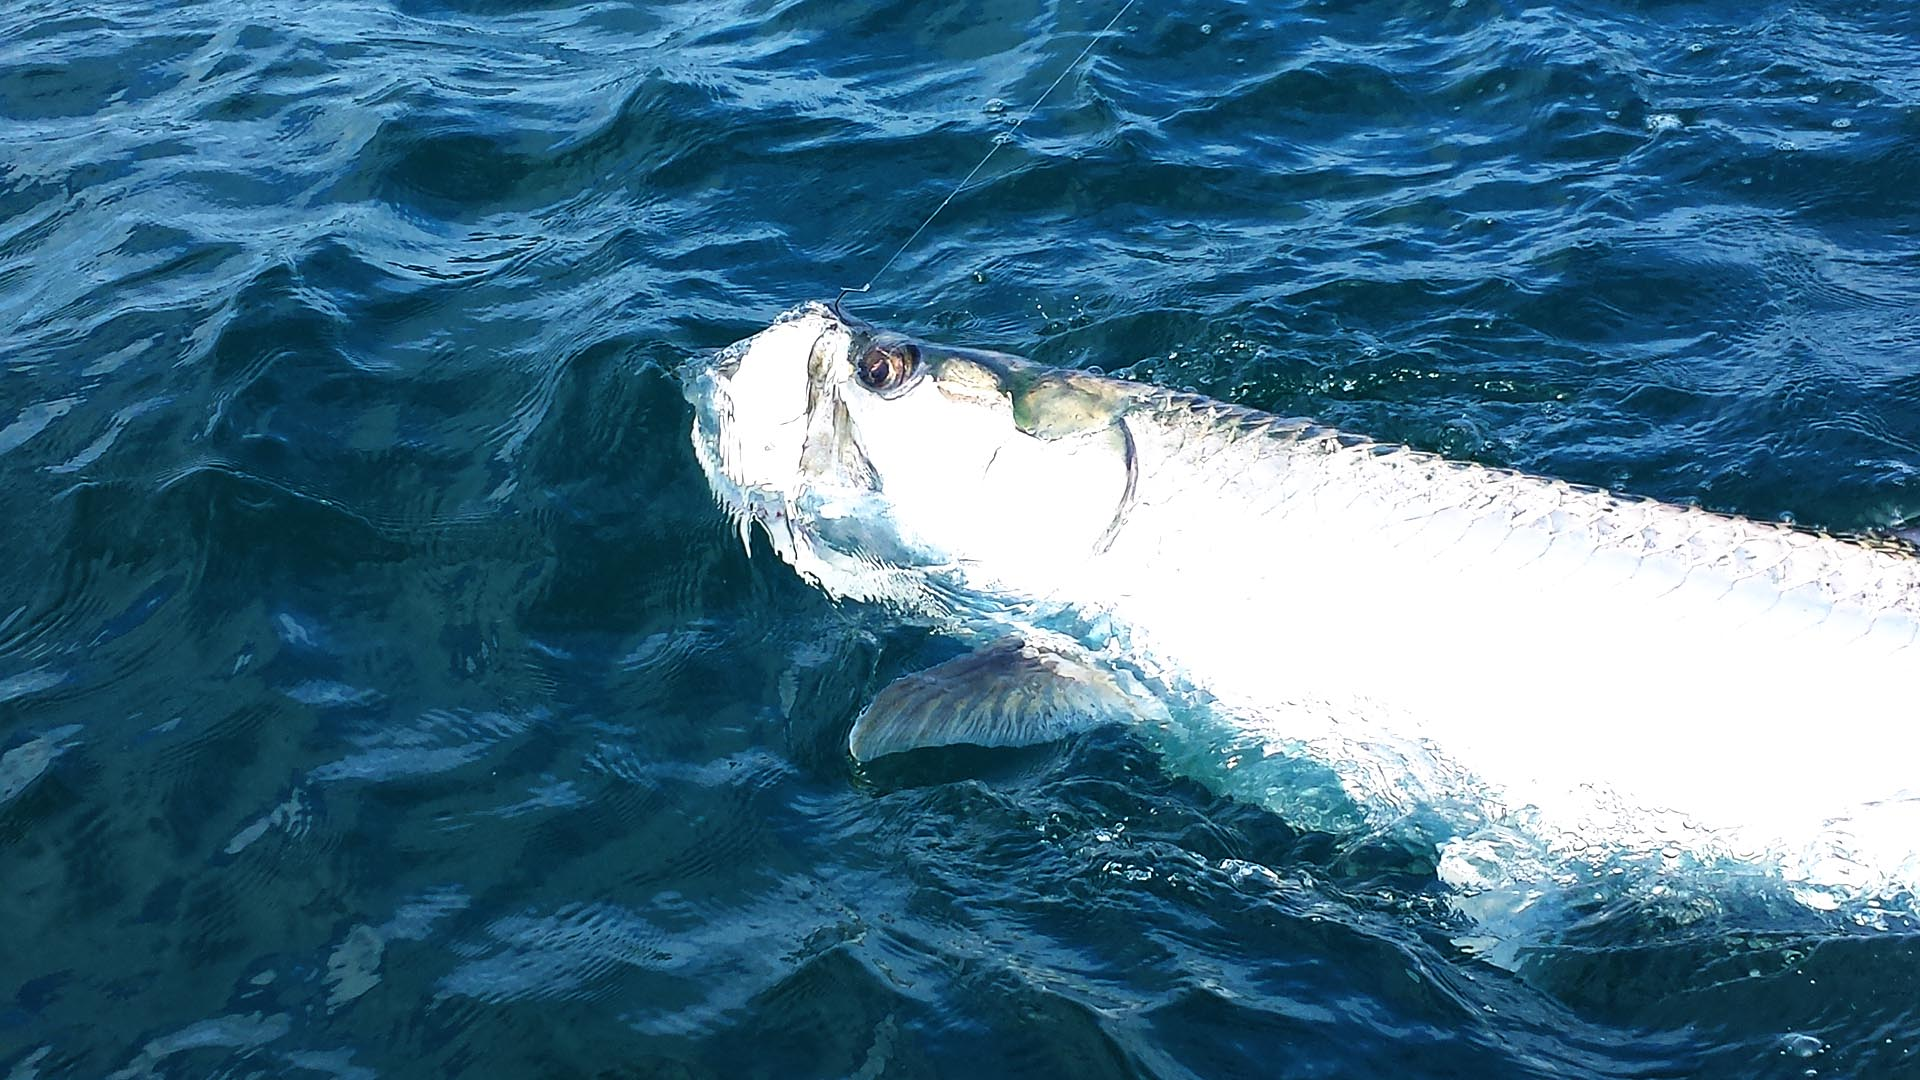 Peak Tarpon Fishing is NOW!